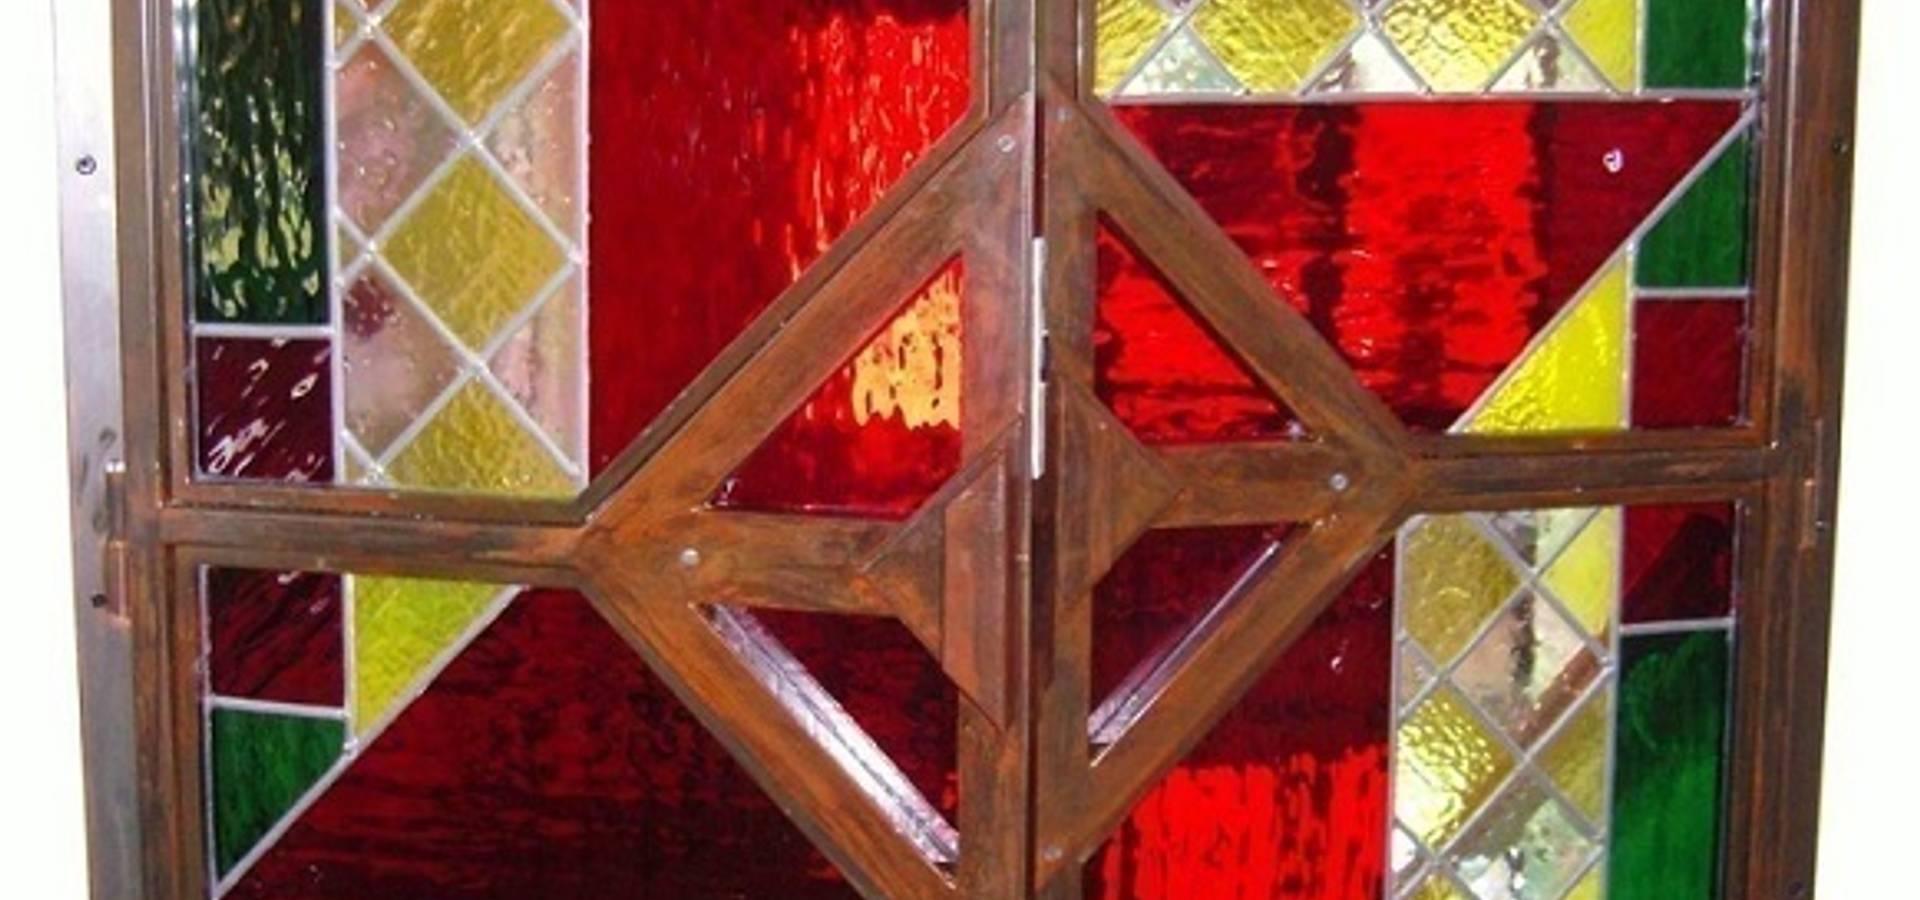 Atelier du vitrail Monique Copel